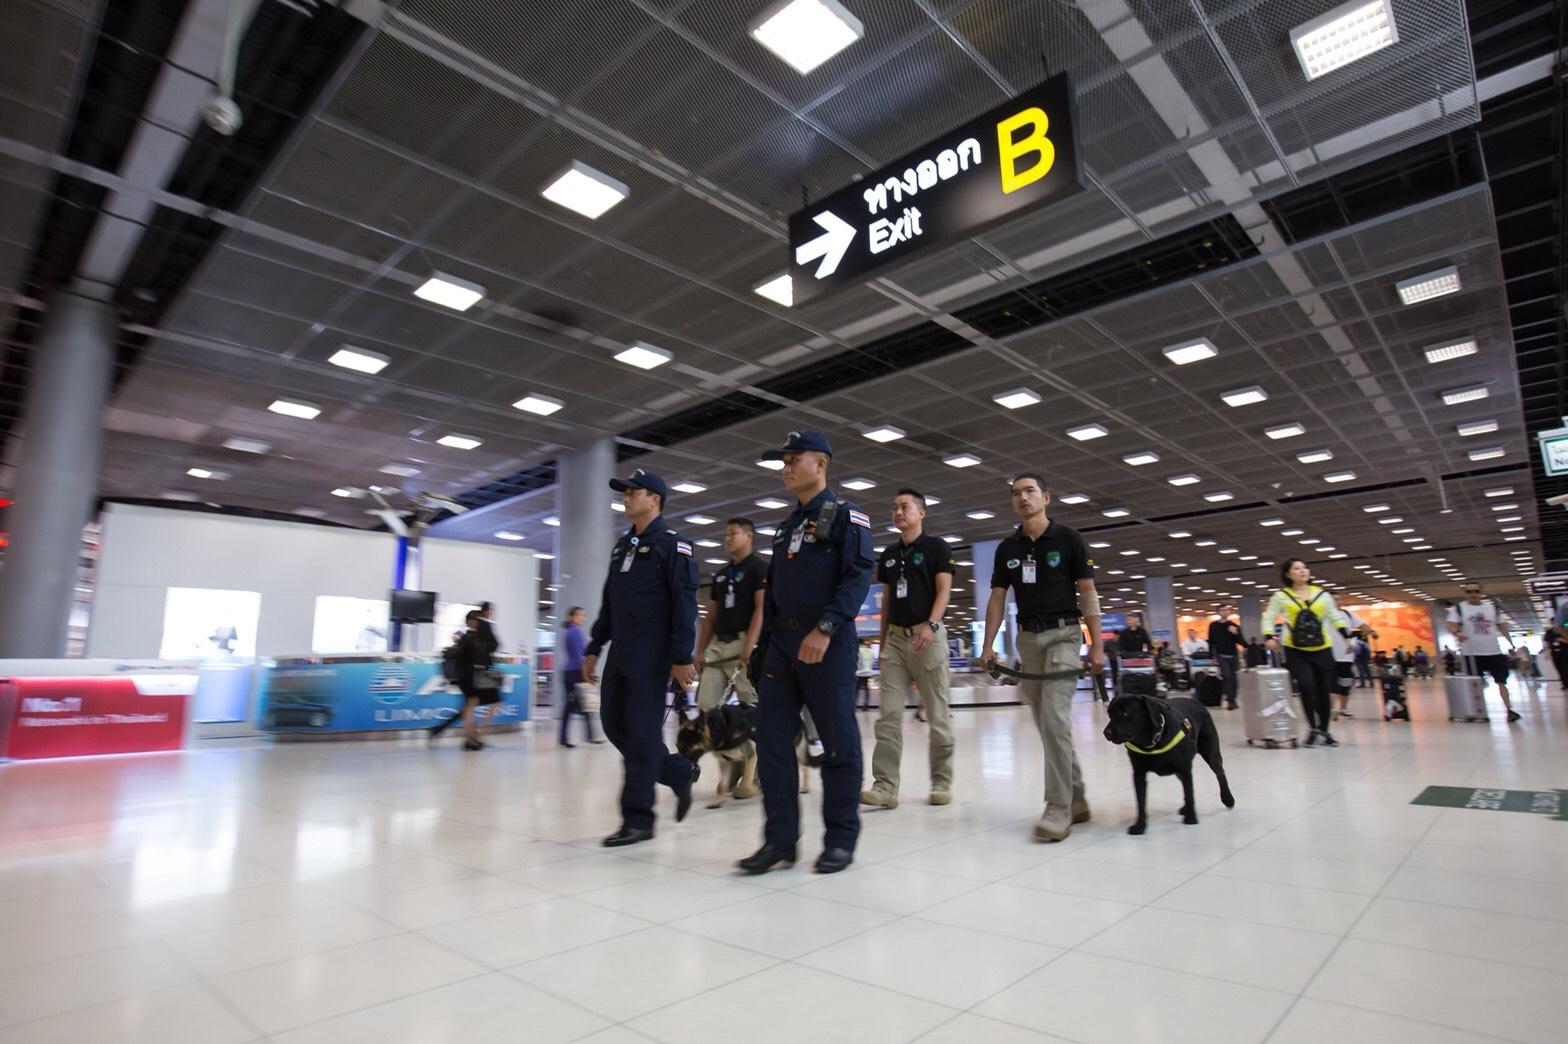 L'aéroport Suvarnabhumi de Bangkok se prépare à un afflux de passagers pendant les congés de Songkran